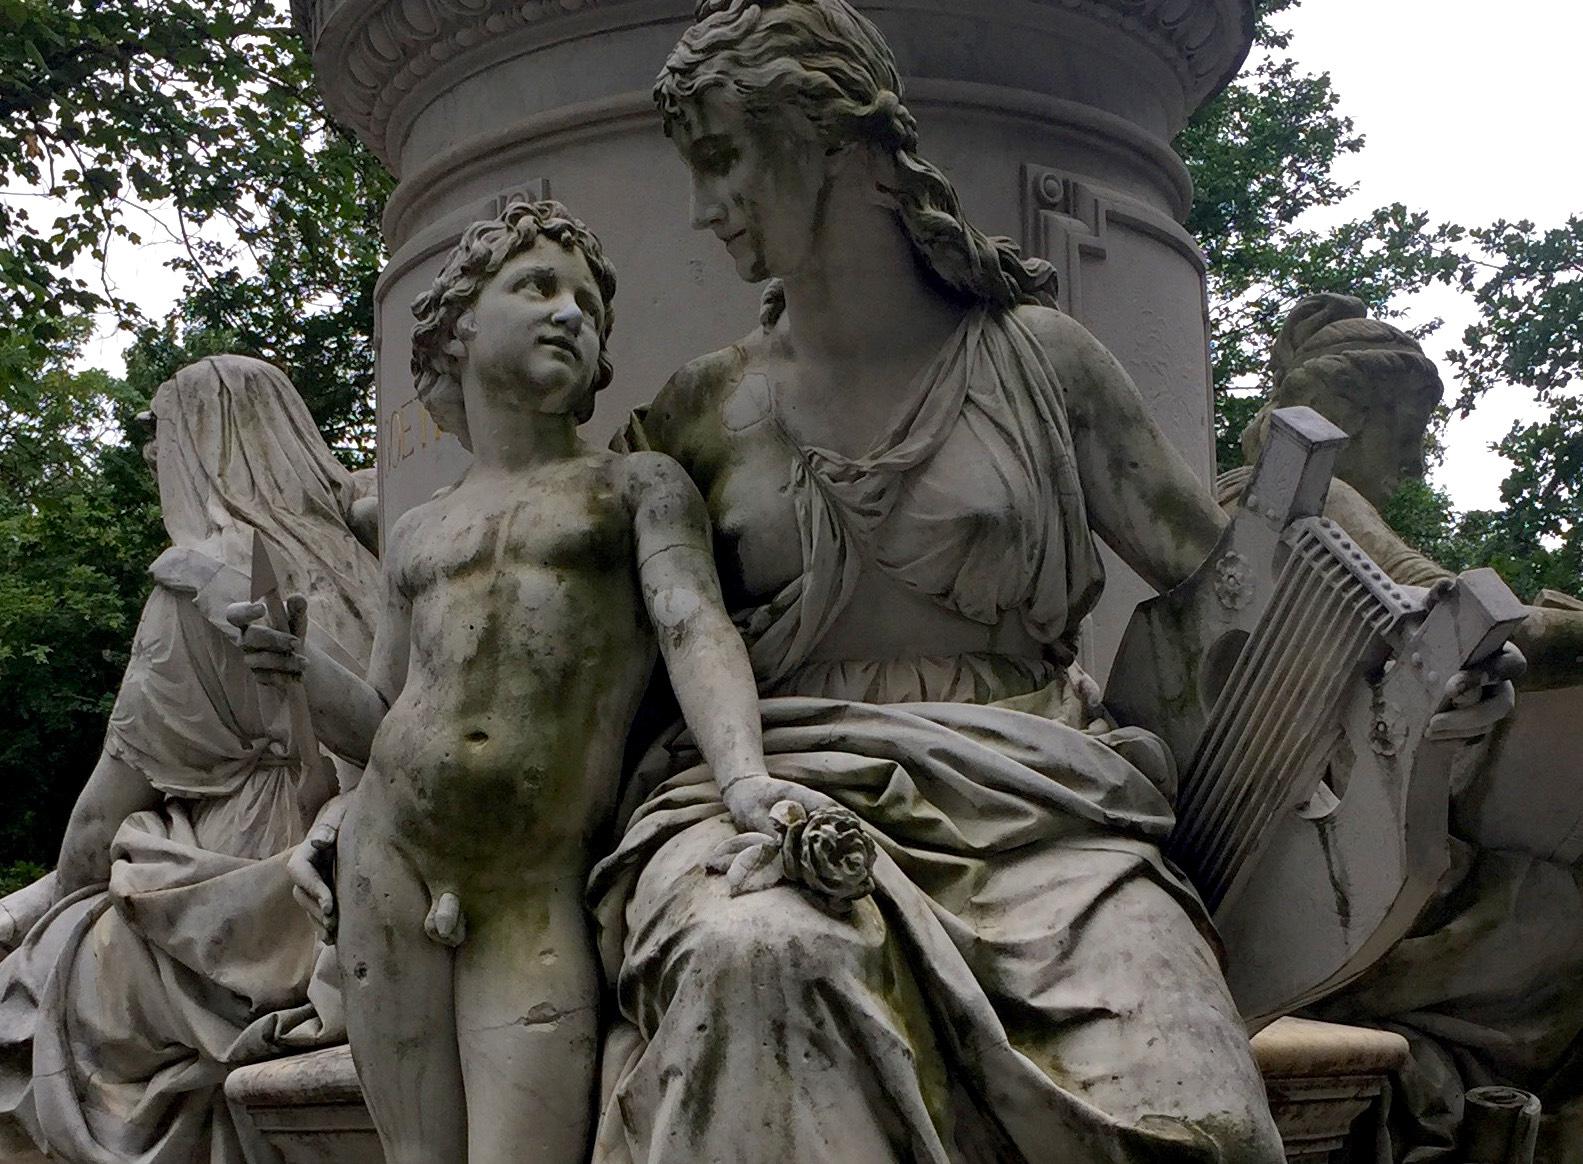 Fountain in Berlin